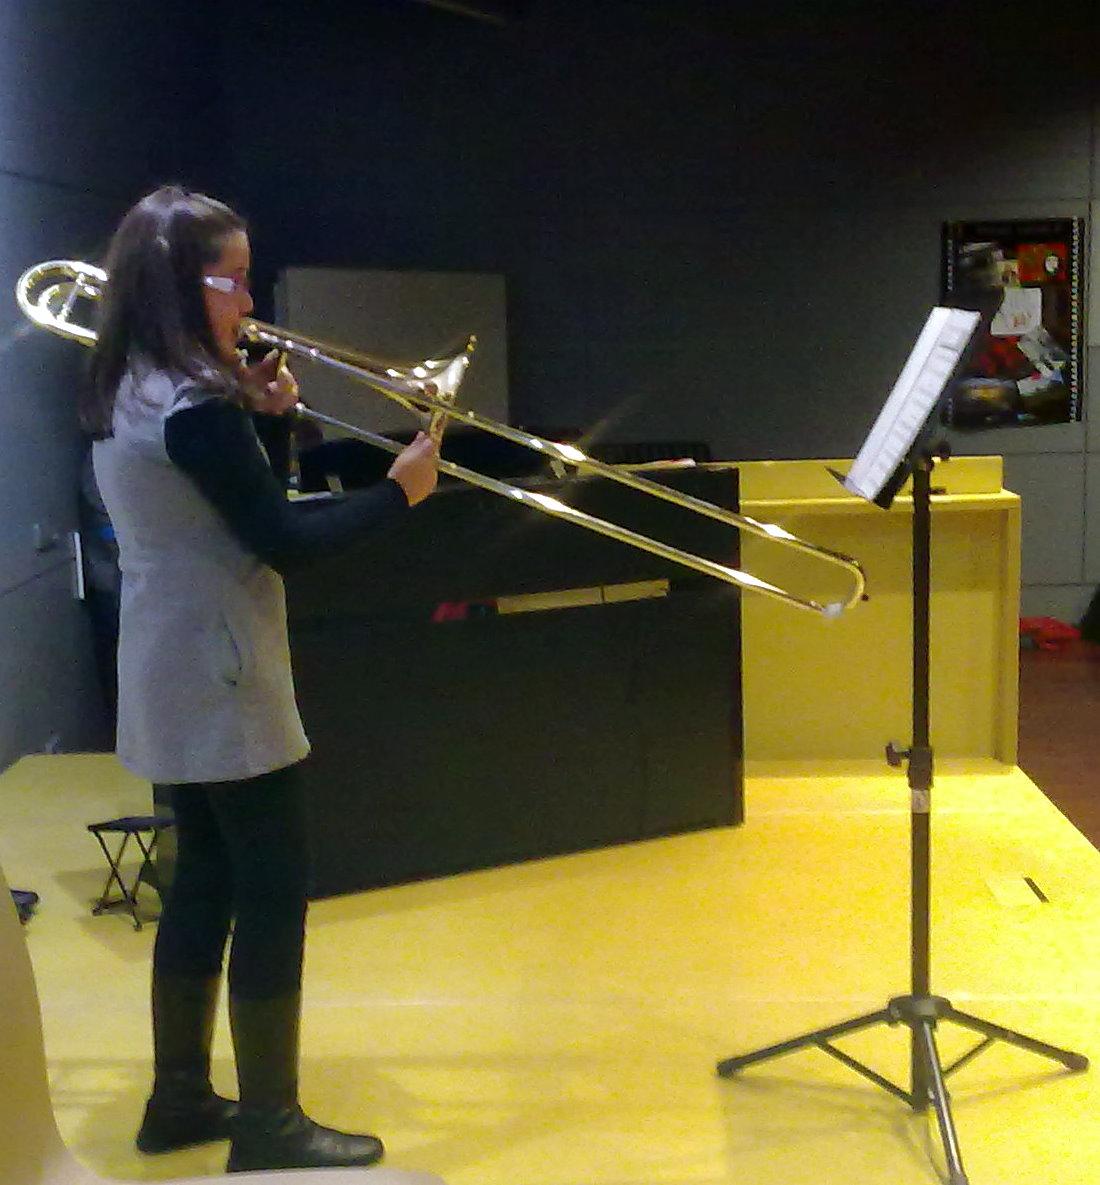 audicions-1a-trimestre-curso-10-11-trombón